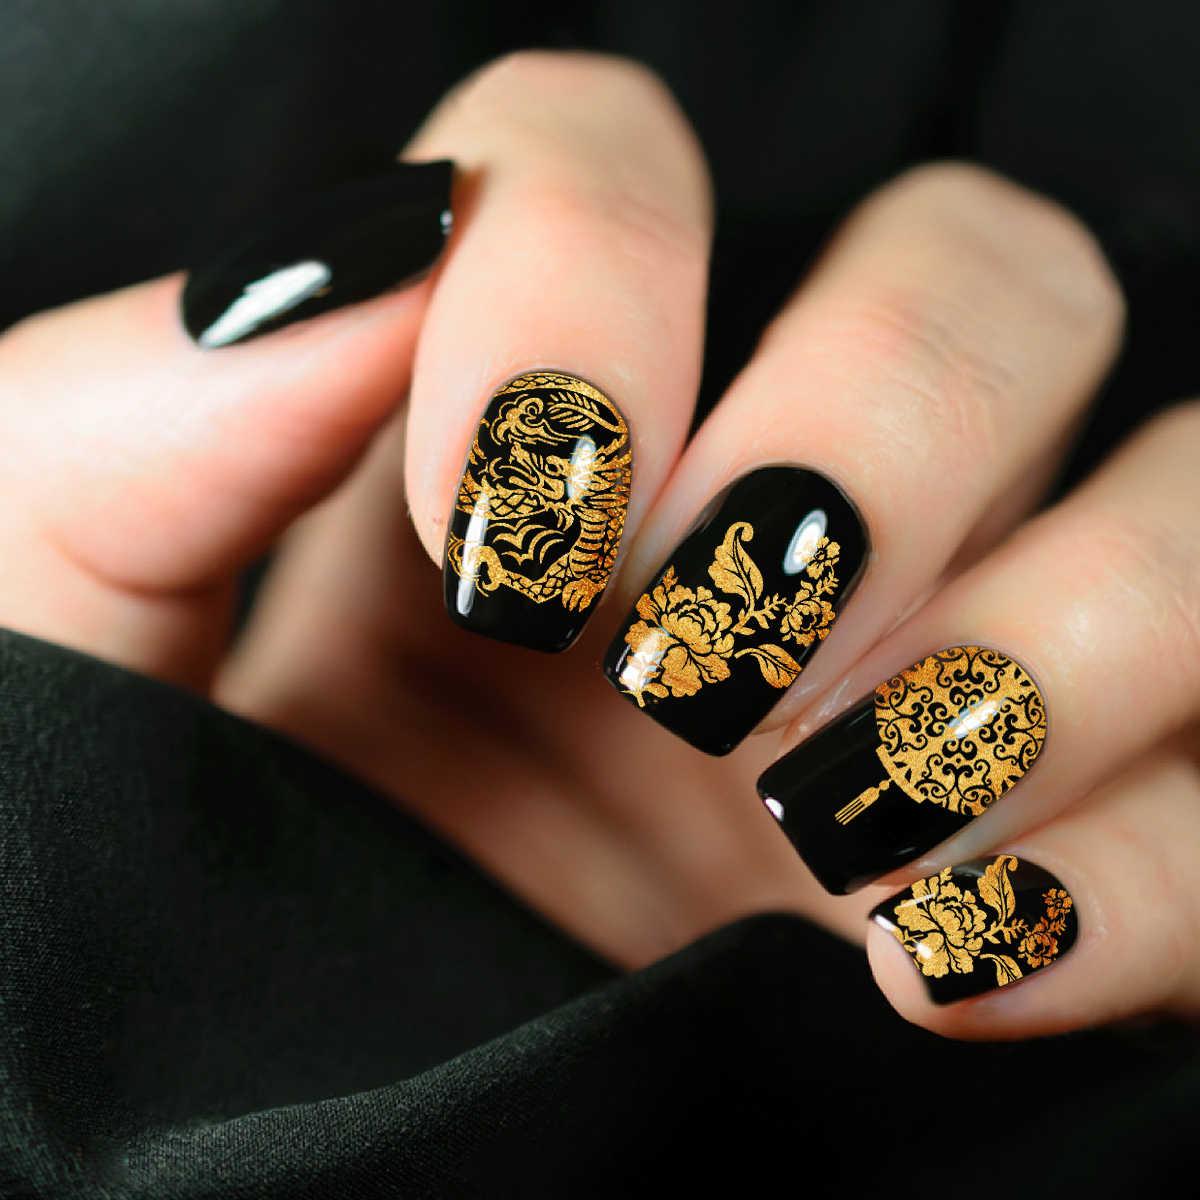 6*12cm placas de estampado de uñas personaje chino máscara de la ópera elementos de la imagen del mundo de la plantilla de uñas estampado de Arte de uñas plantilla